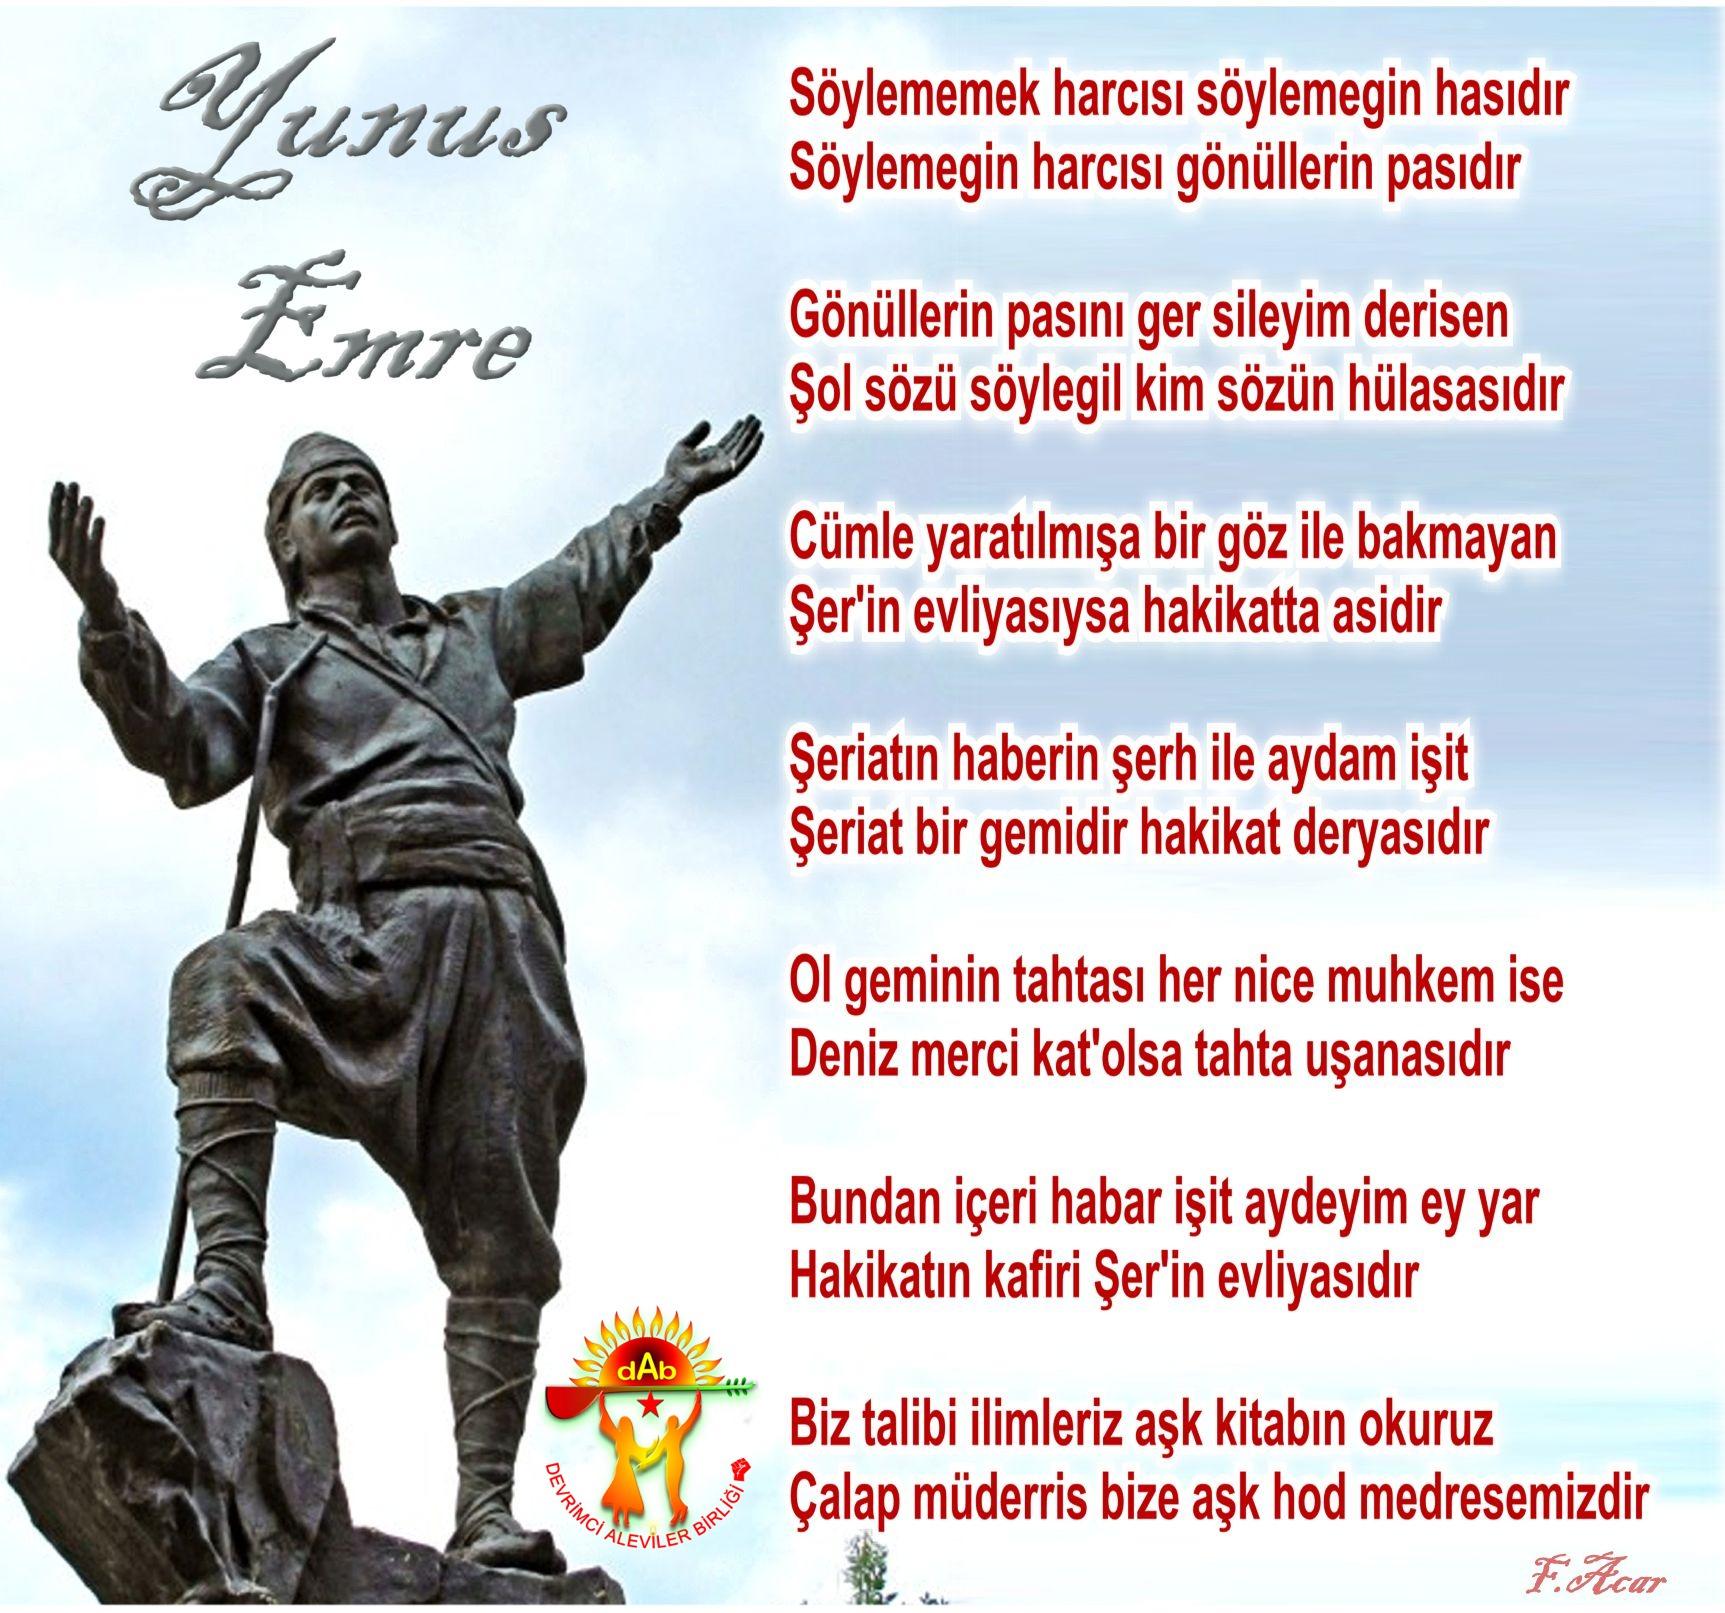 Alevi Bektaşi Kızılbaş Pir Sultan Devrimci Aleviler Birliği DAB yunus evliya